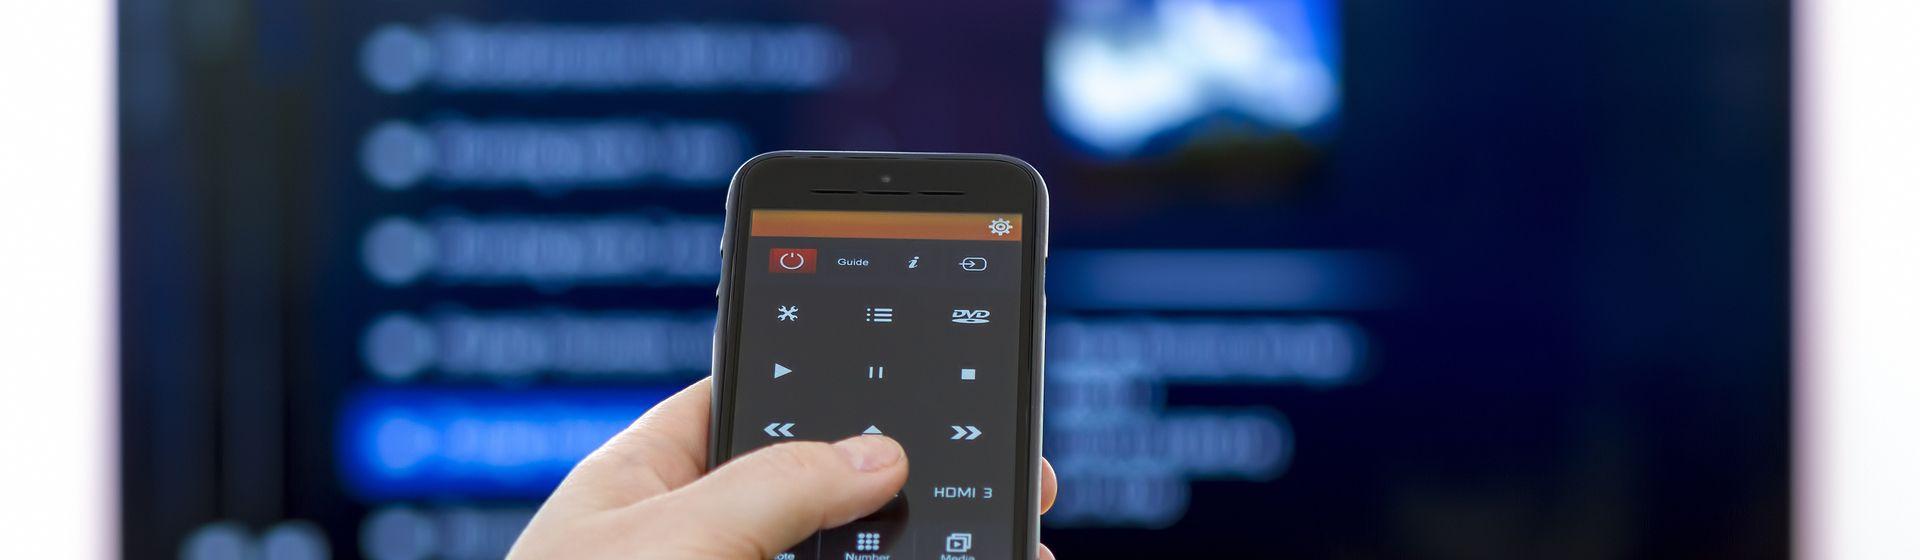 Melhor celular com infravermelho: veja opções em 2021